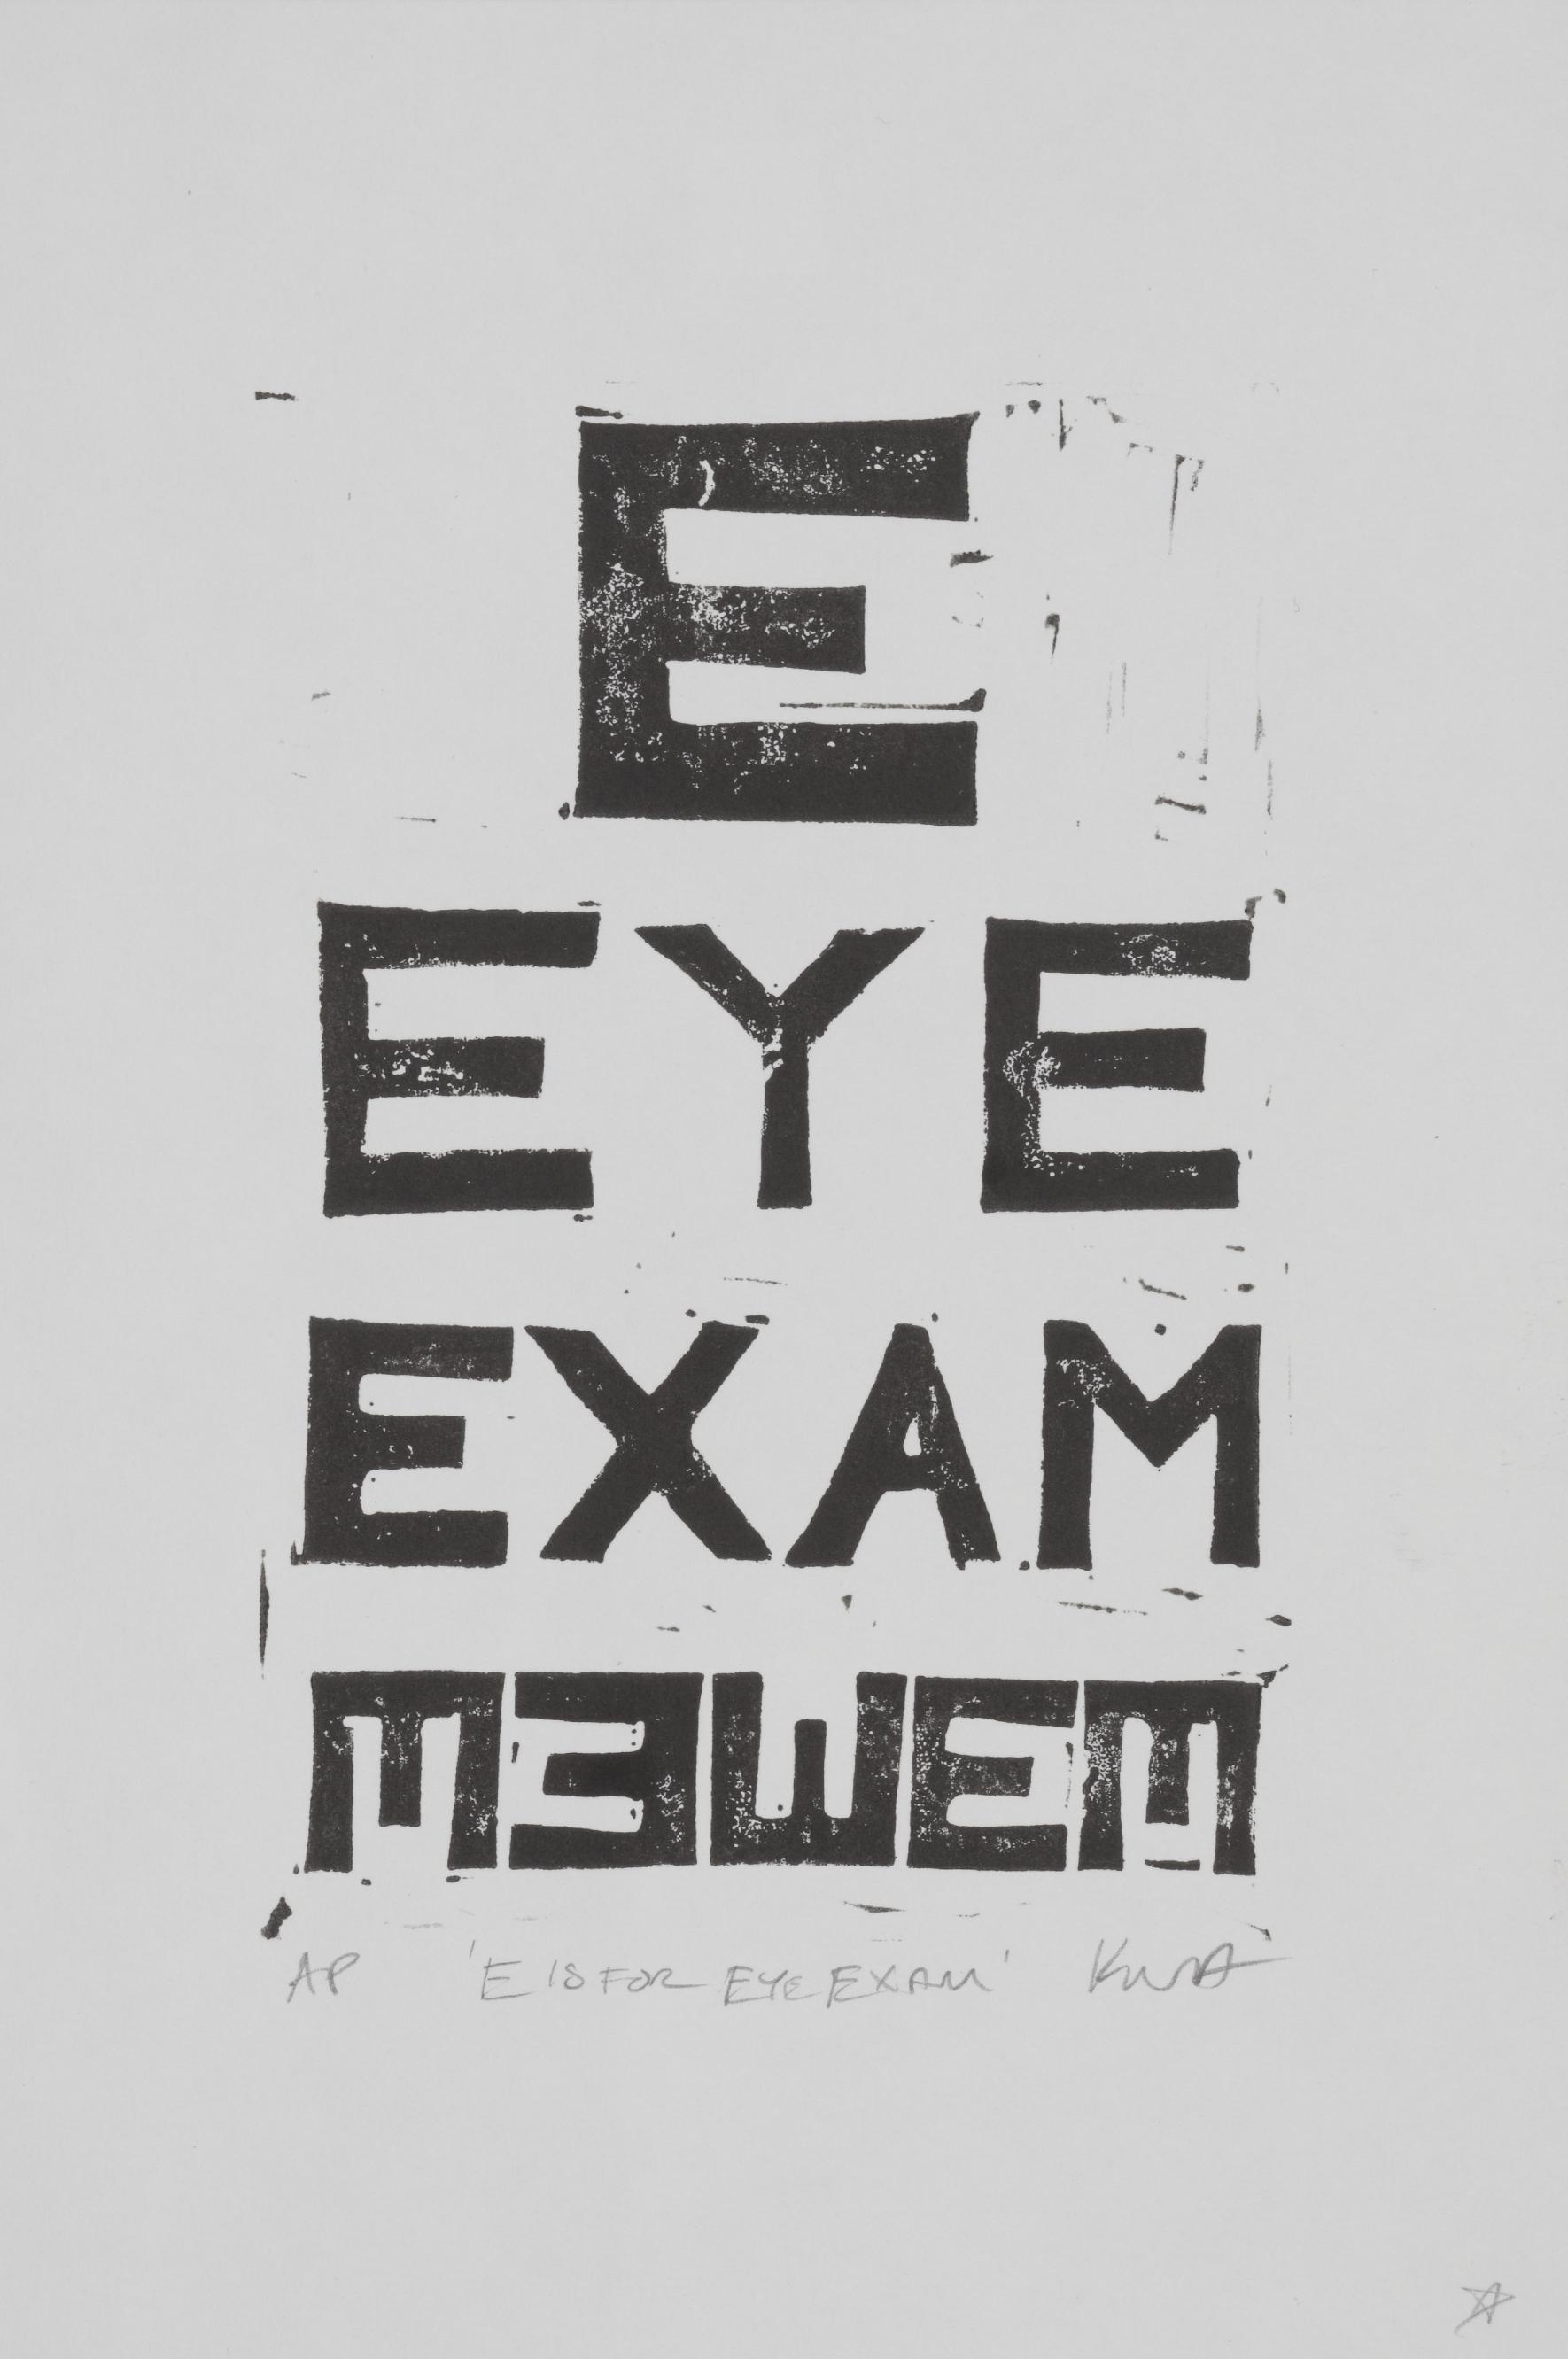 E is for Eye exam